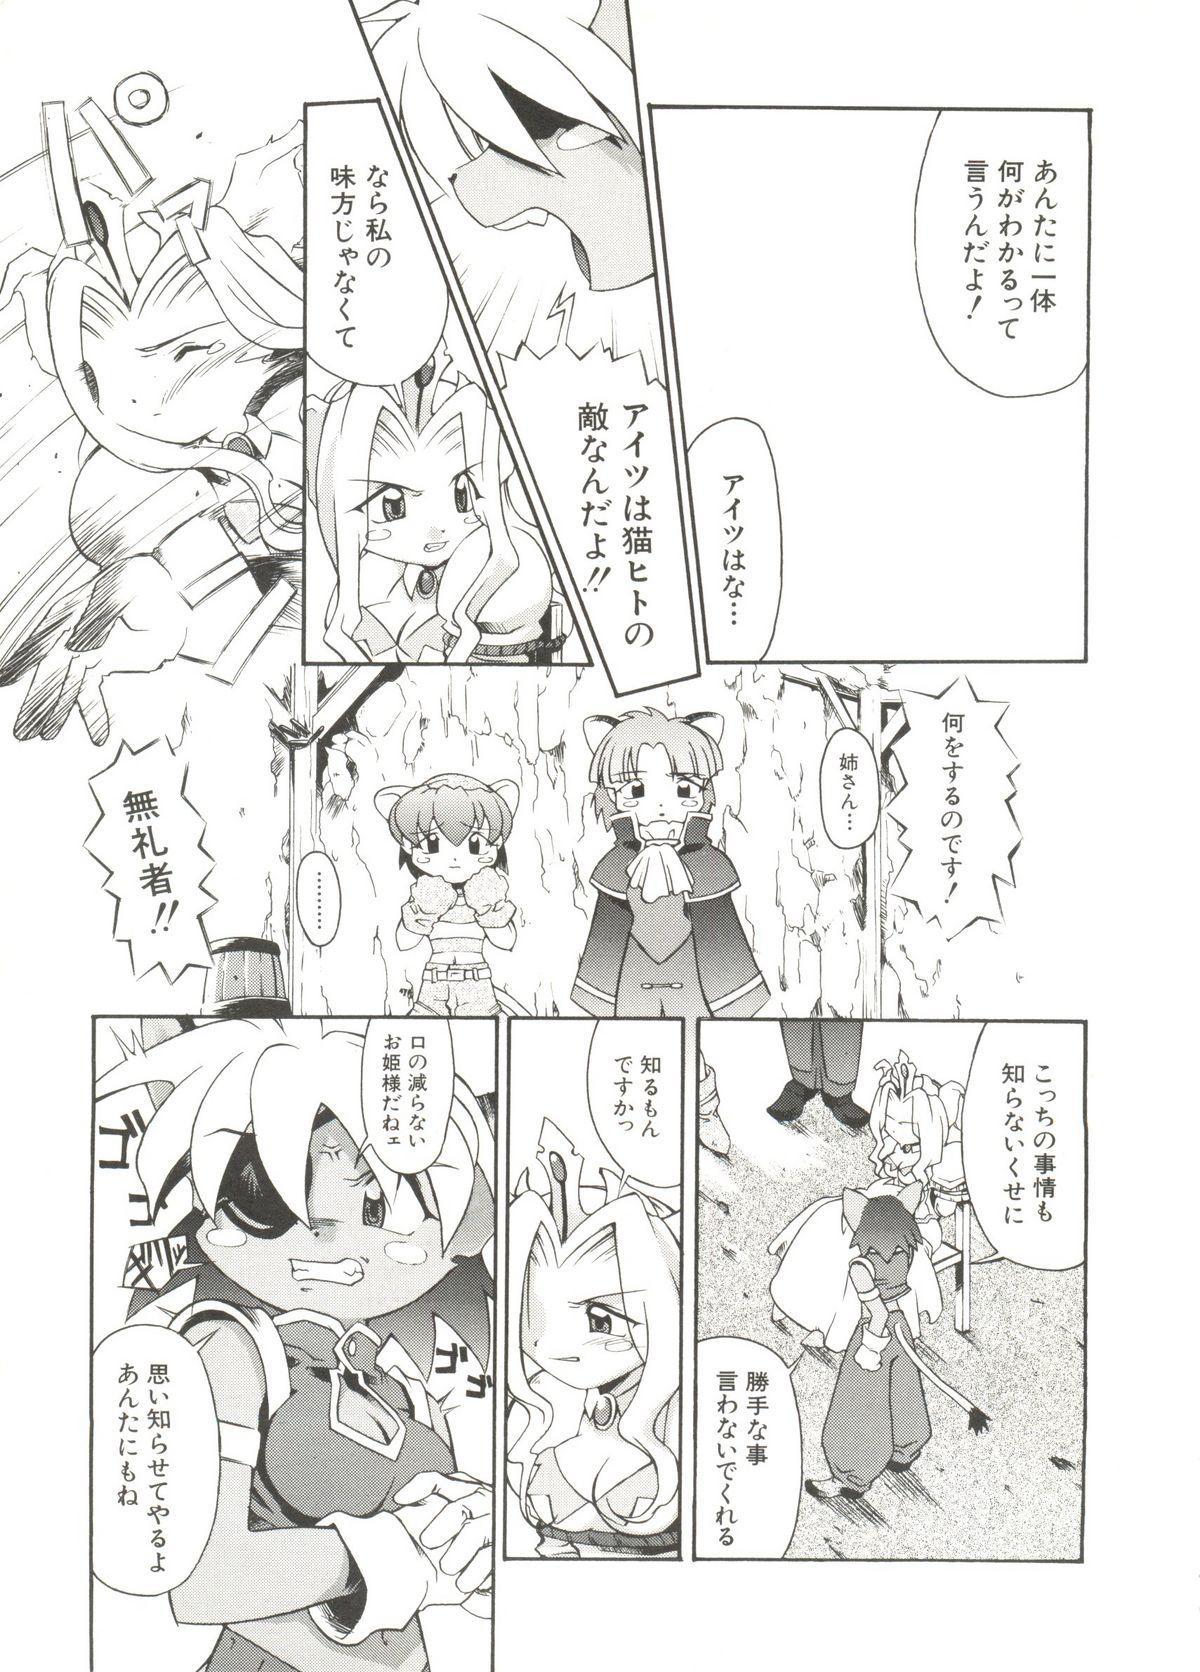 Denei Tamate Bako Bishoujo Doujinshi Anthology Vol. 2 - Nishinhou no Tenshi 108